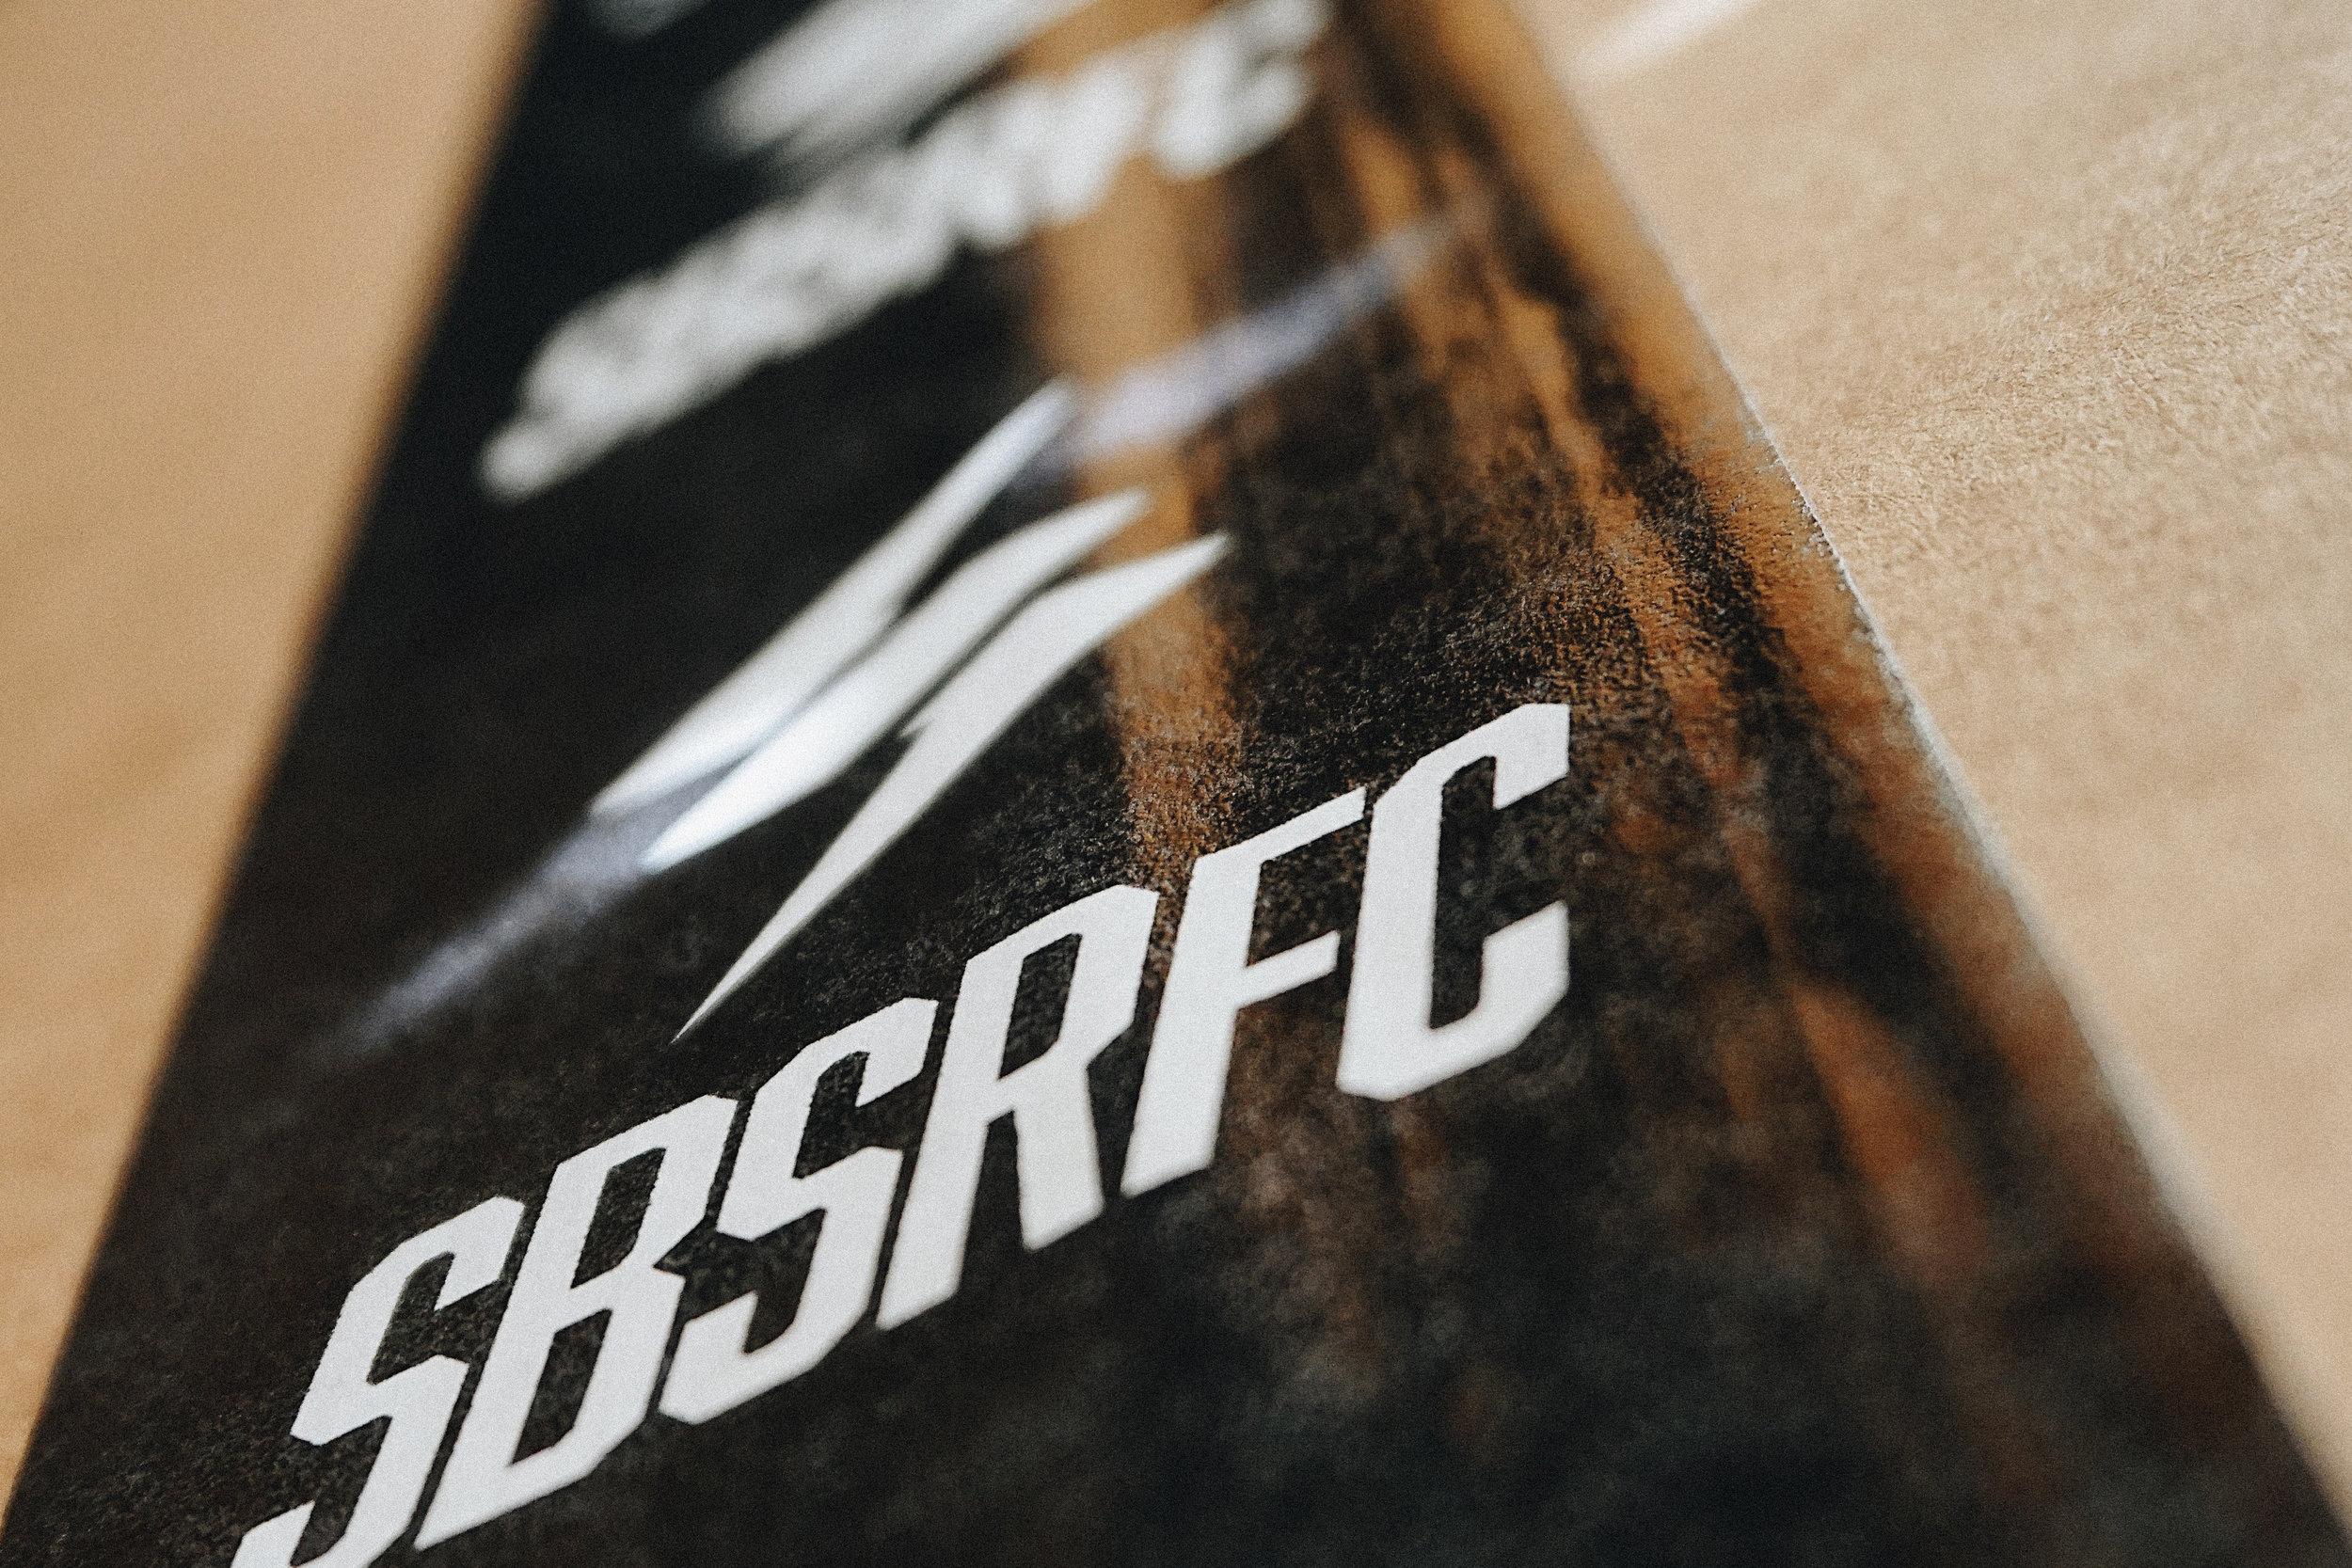 SBSRFC_Creative_Capabilities_Group_10.jpg